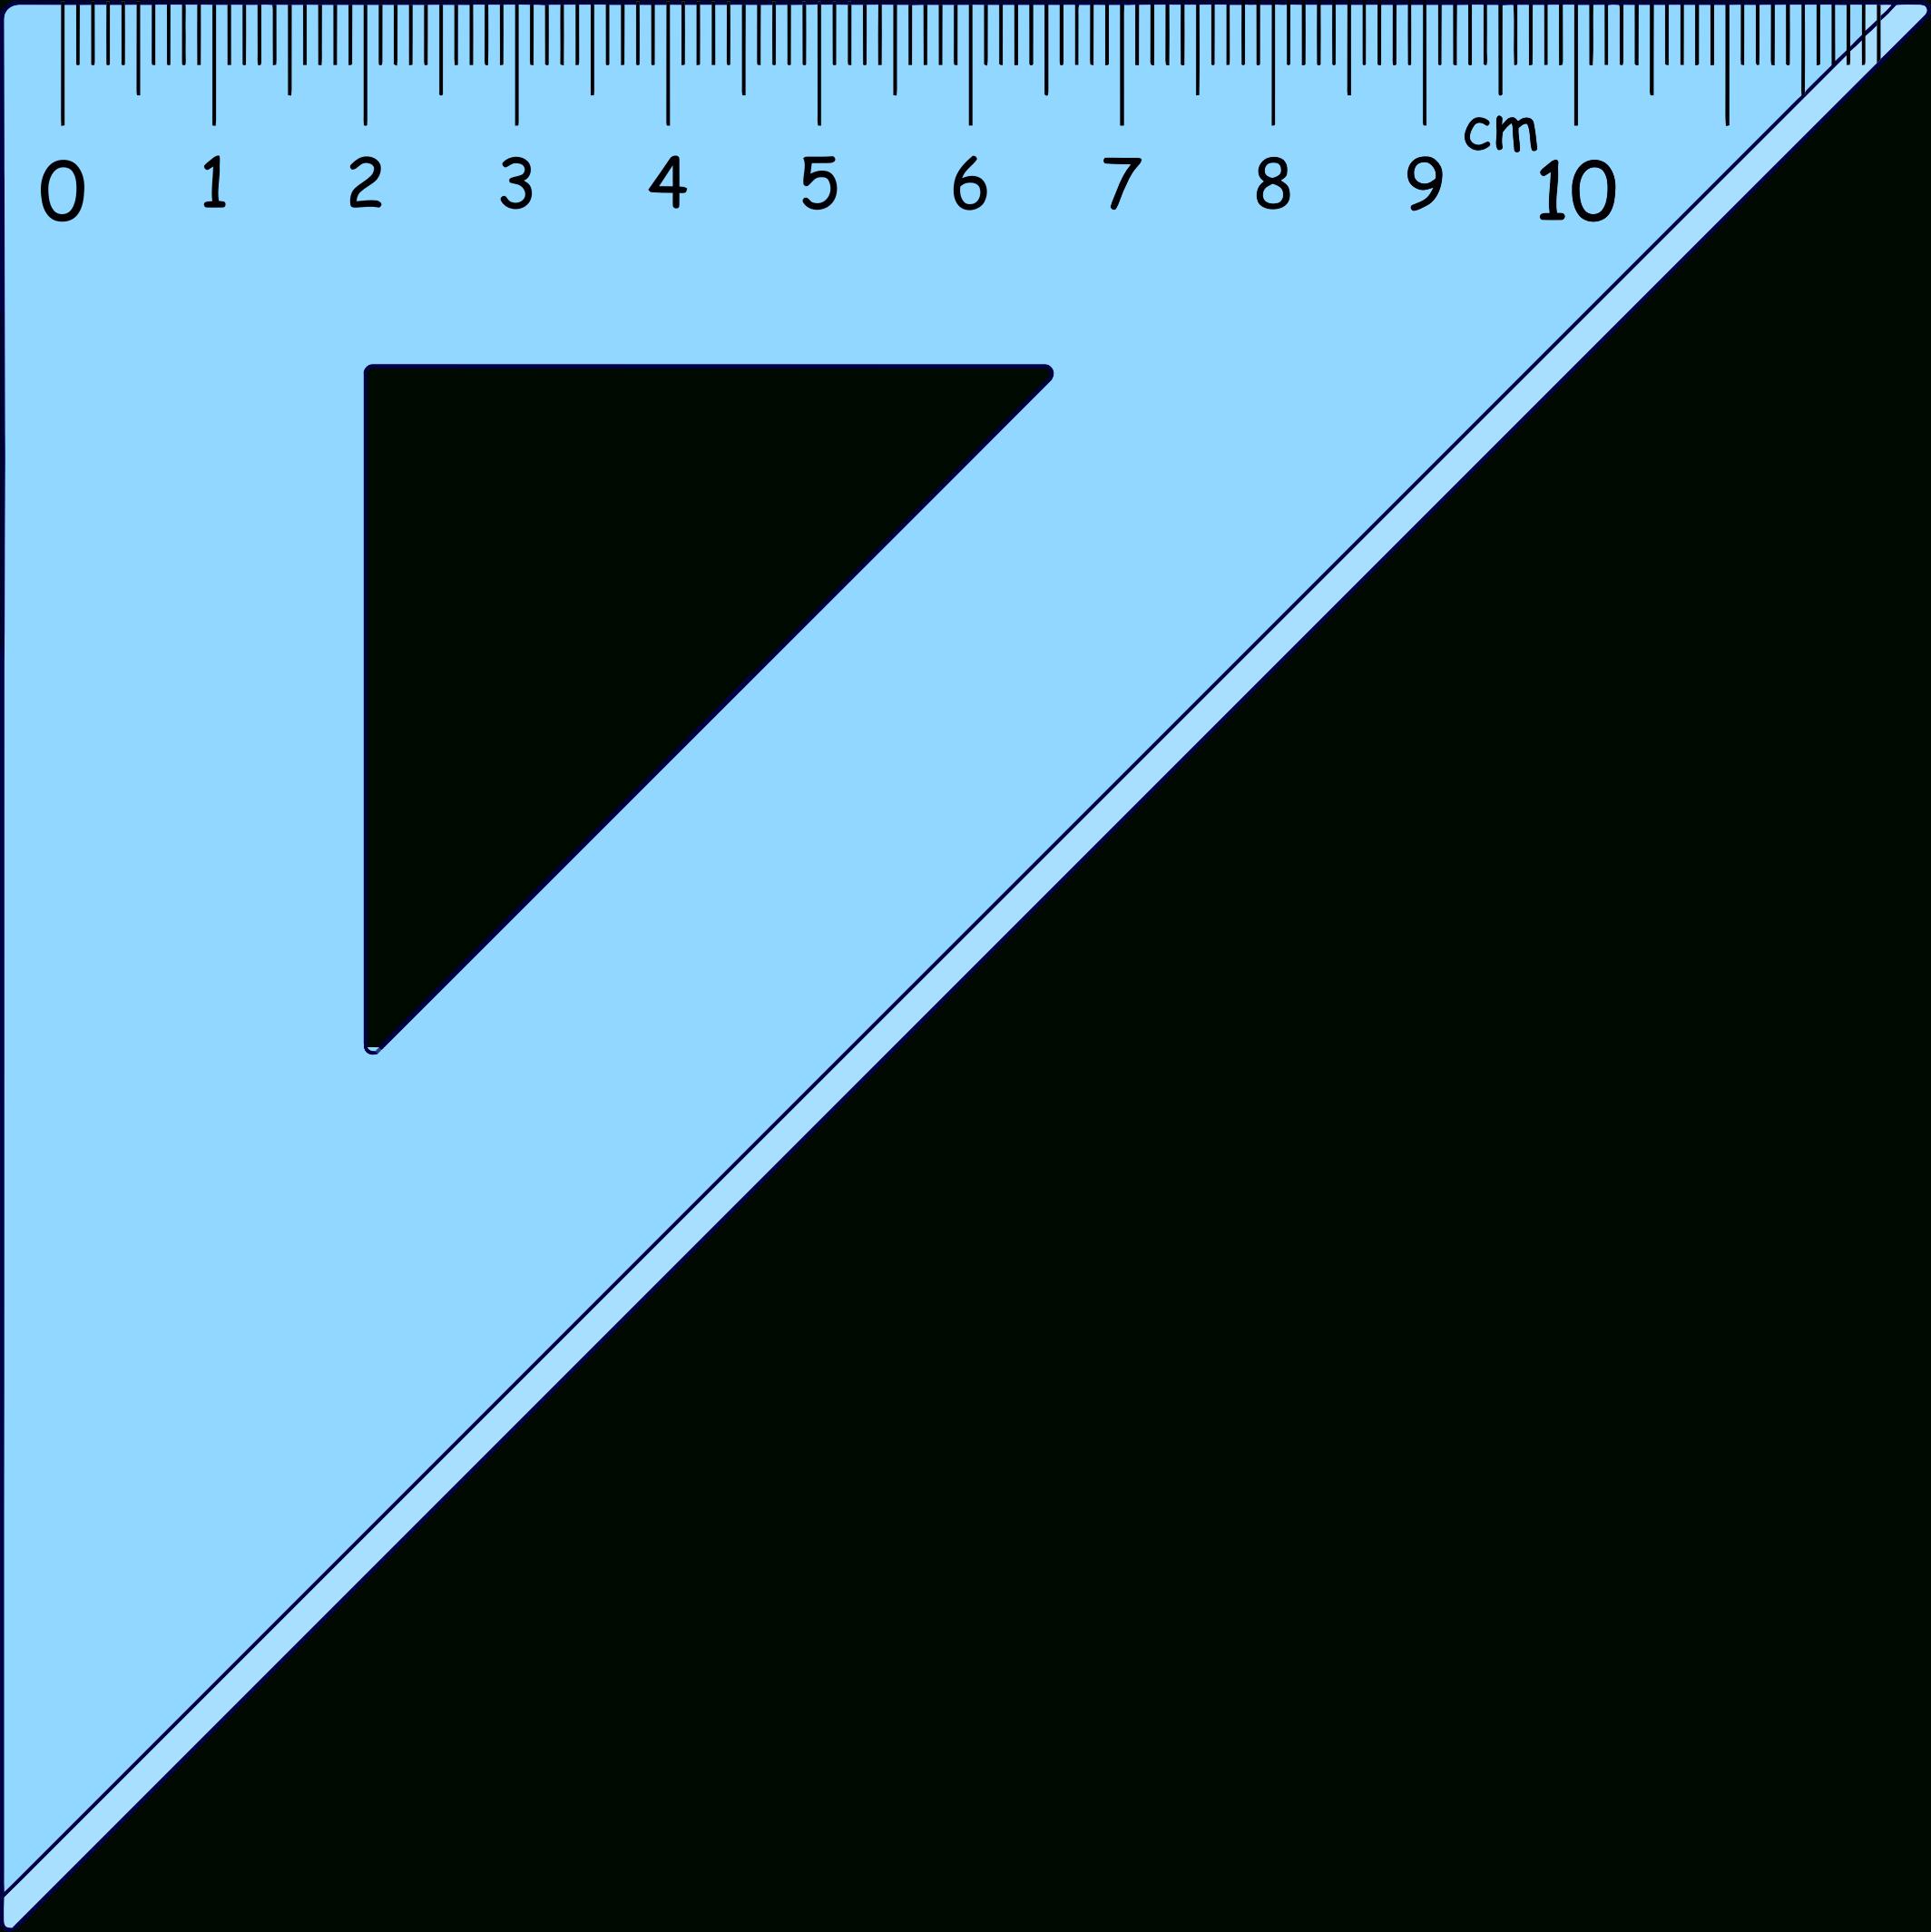 Clipart Ruler Printable, Clipart Ruler Printable Transparent